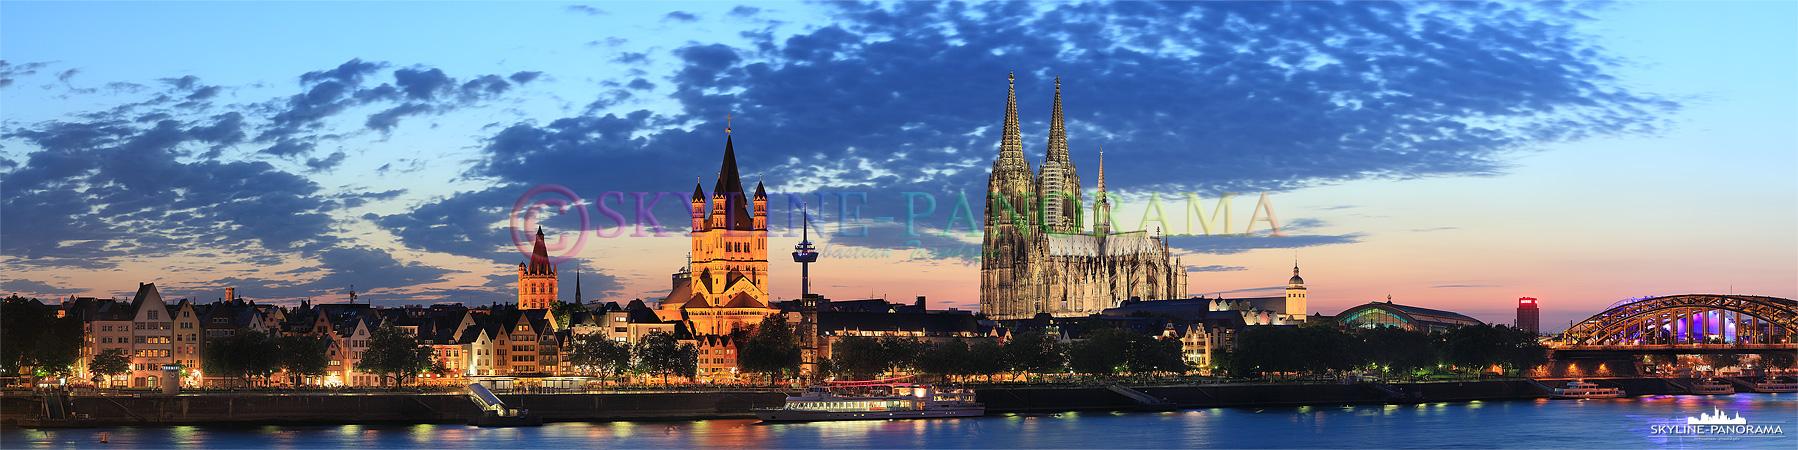 Bilder Köln - Das bekannte Köln Panorama zur Blauen Stunde mit dem wahrscheinlich schönsten Blick auf die Domstadt. Am Abend, kurz nach dem Sonnenuntergang, wenn die Beleuchtung am Kölner Dom eingeschalten wurde, zeigt sich die Skyline der Kölner Altstadt von seiner beeindruckenden Seite, der Dom strahlt dann als weithin sichtbares Wahrzeichen der Rheinmetropole.